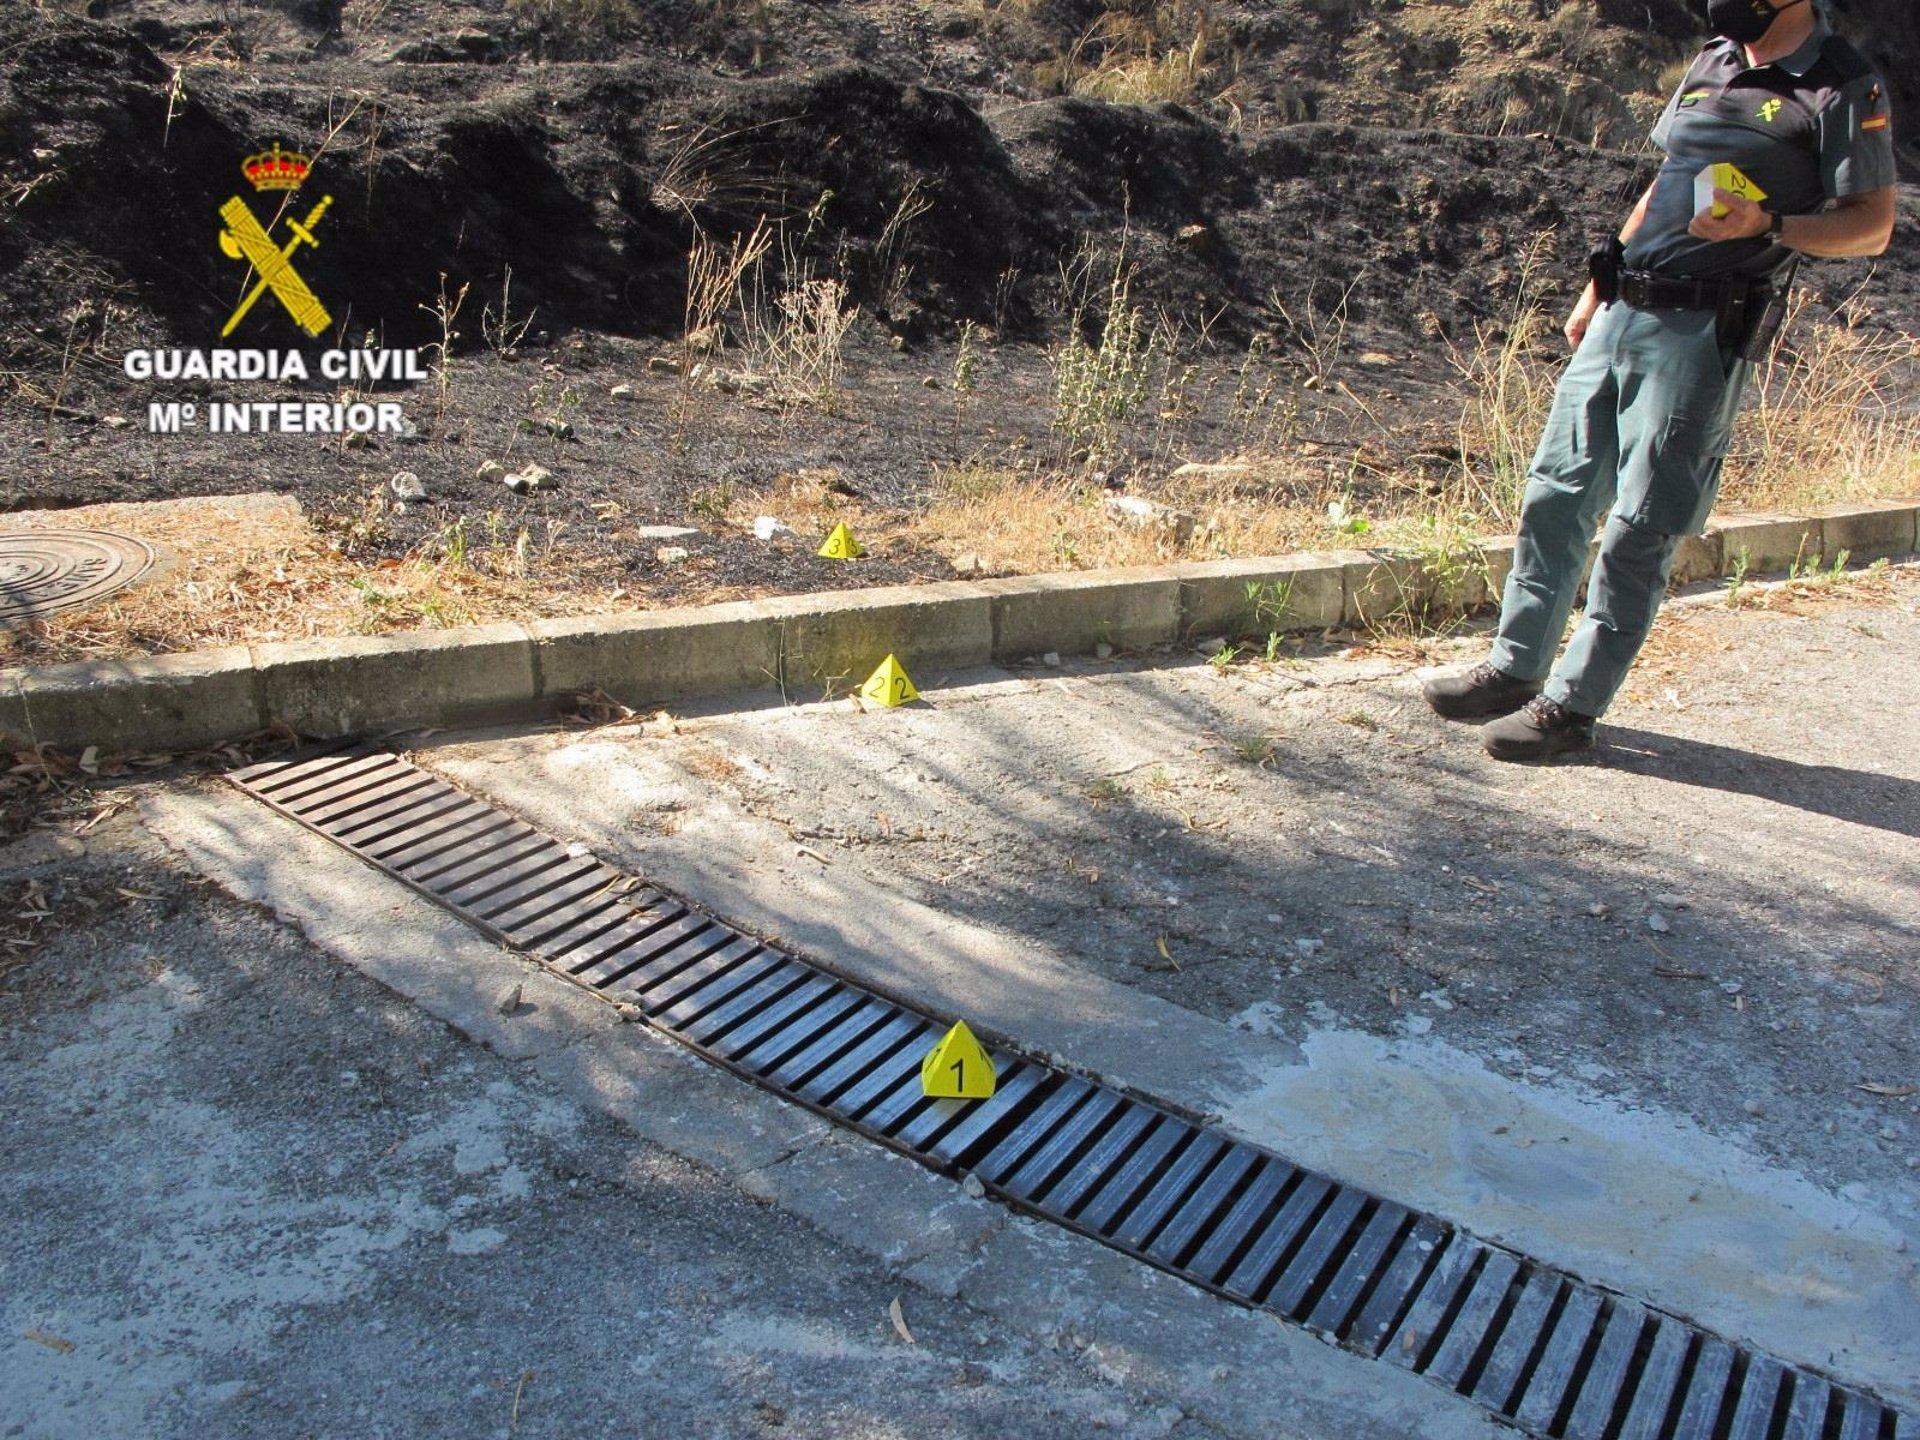 La Guardia Civil investiga a una personacomo autor de un incendio forestal mientras trabajaba con una radial